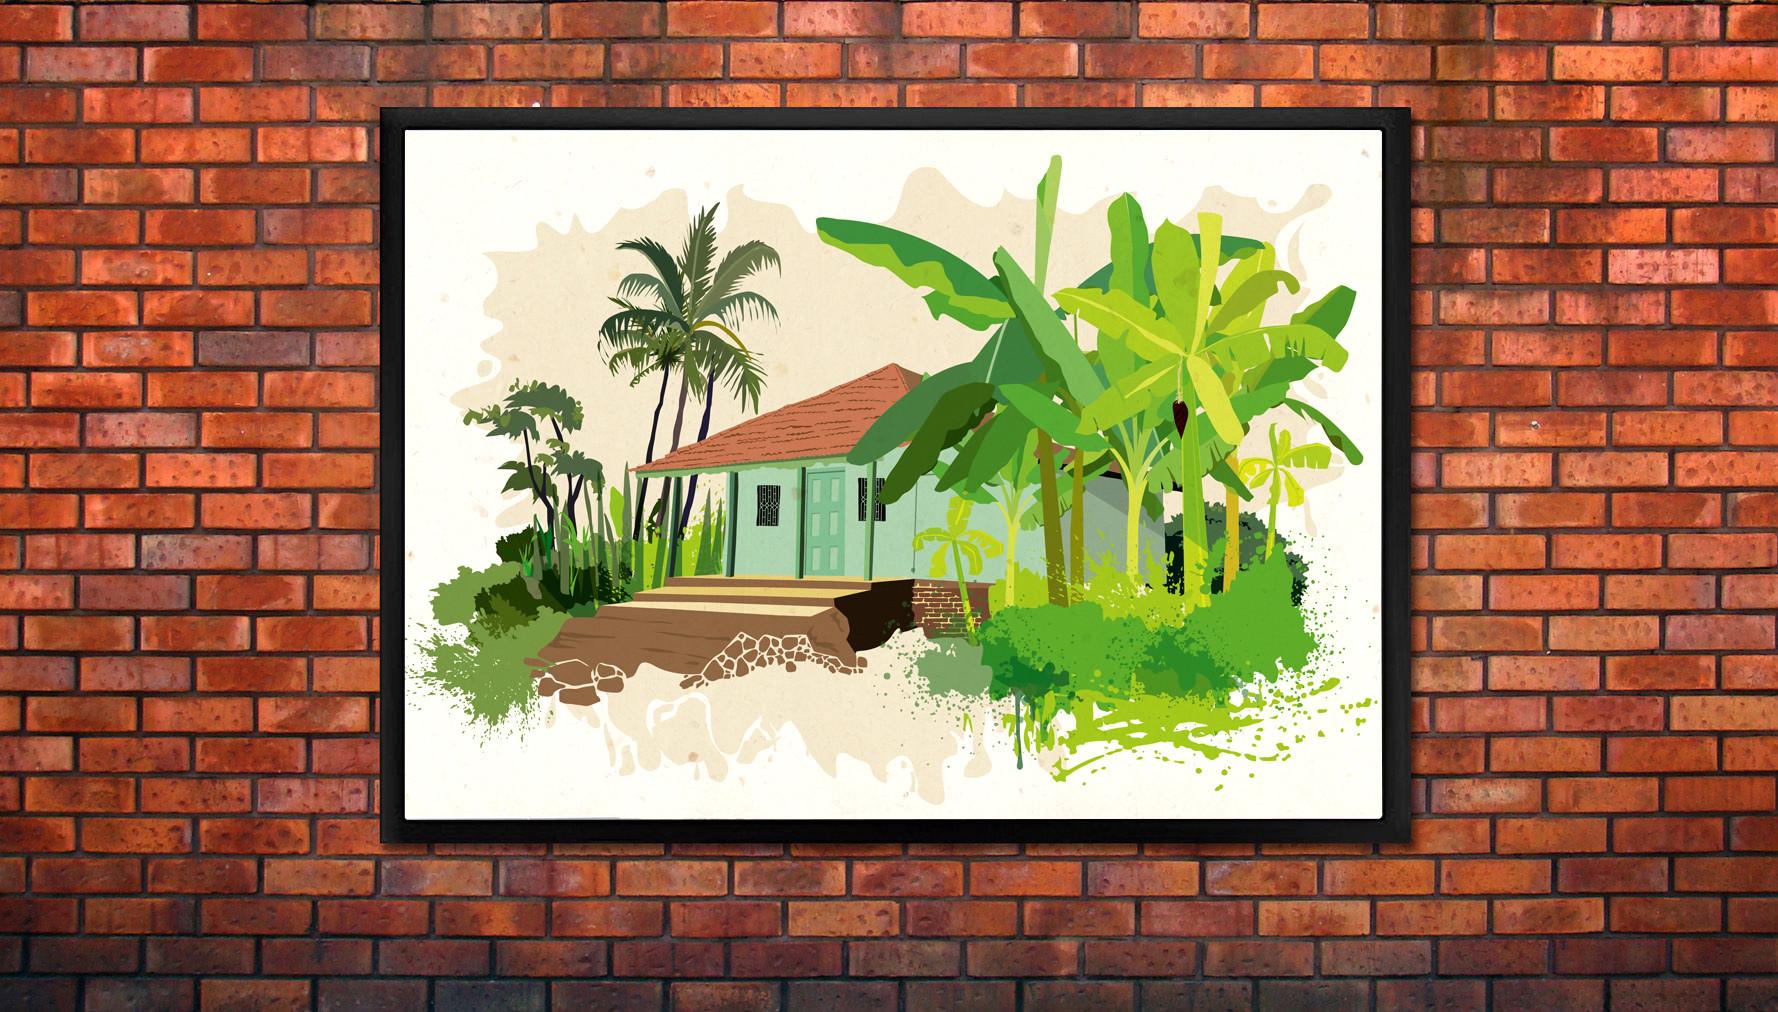 Rajesh r sawant banana house